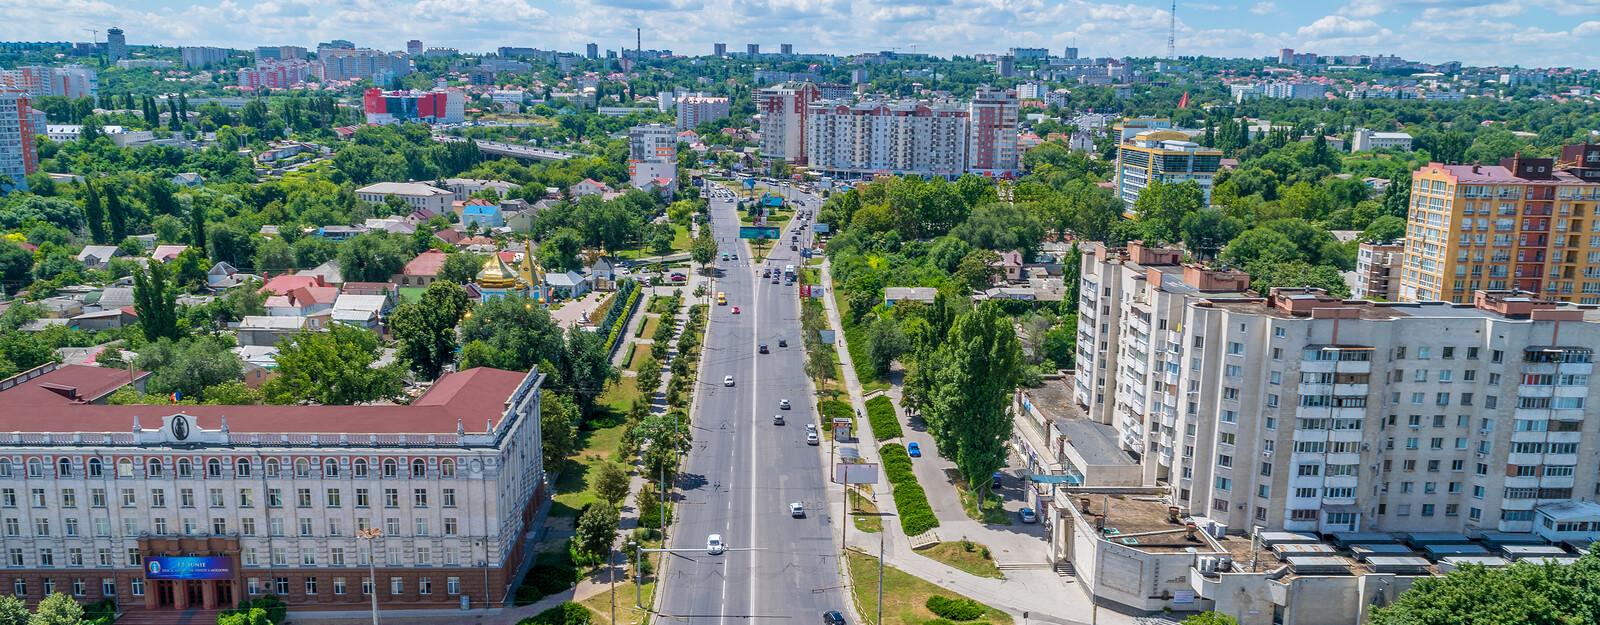 покупка гражданства молдовы за инвестиции